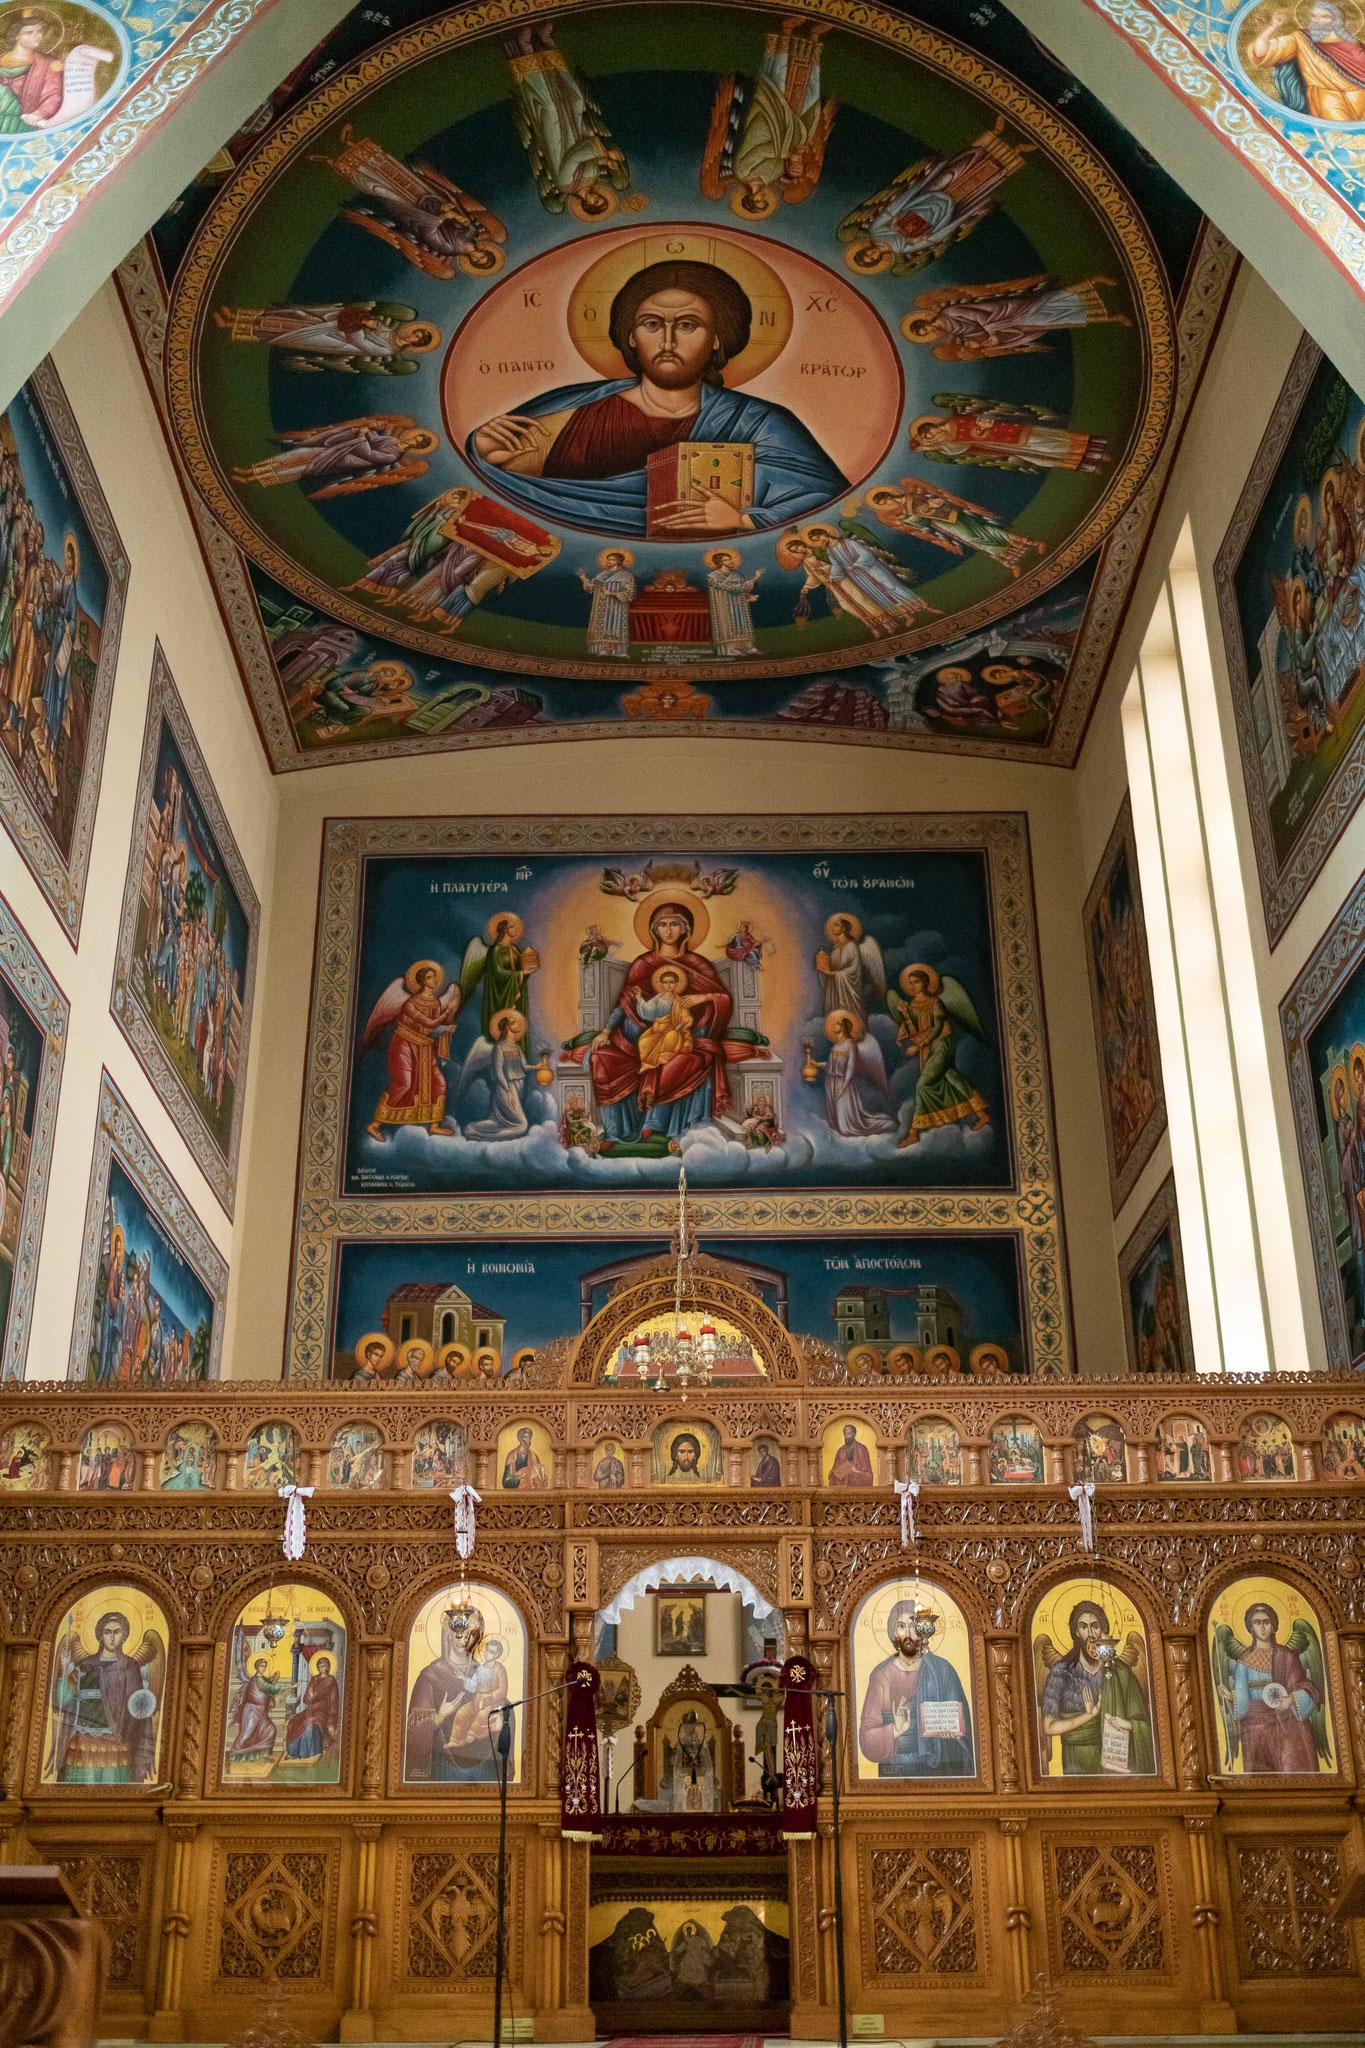 Der Altar einer griechisch orthodoxen Kirch in Ludwigshafen